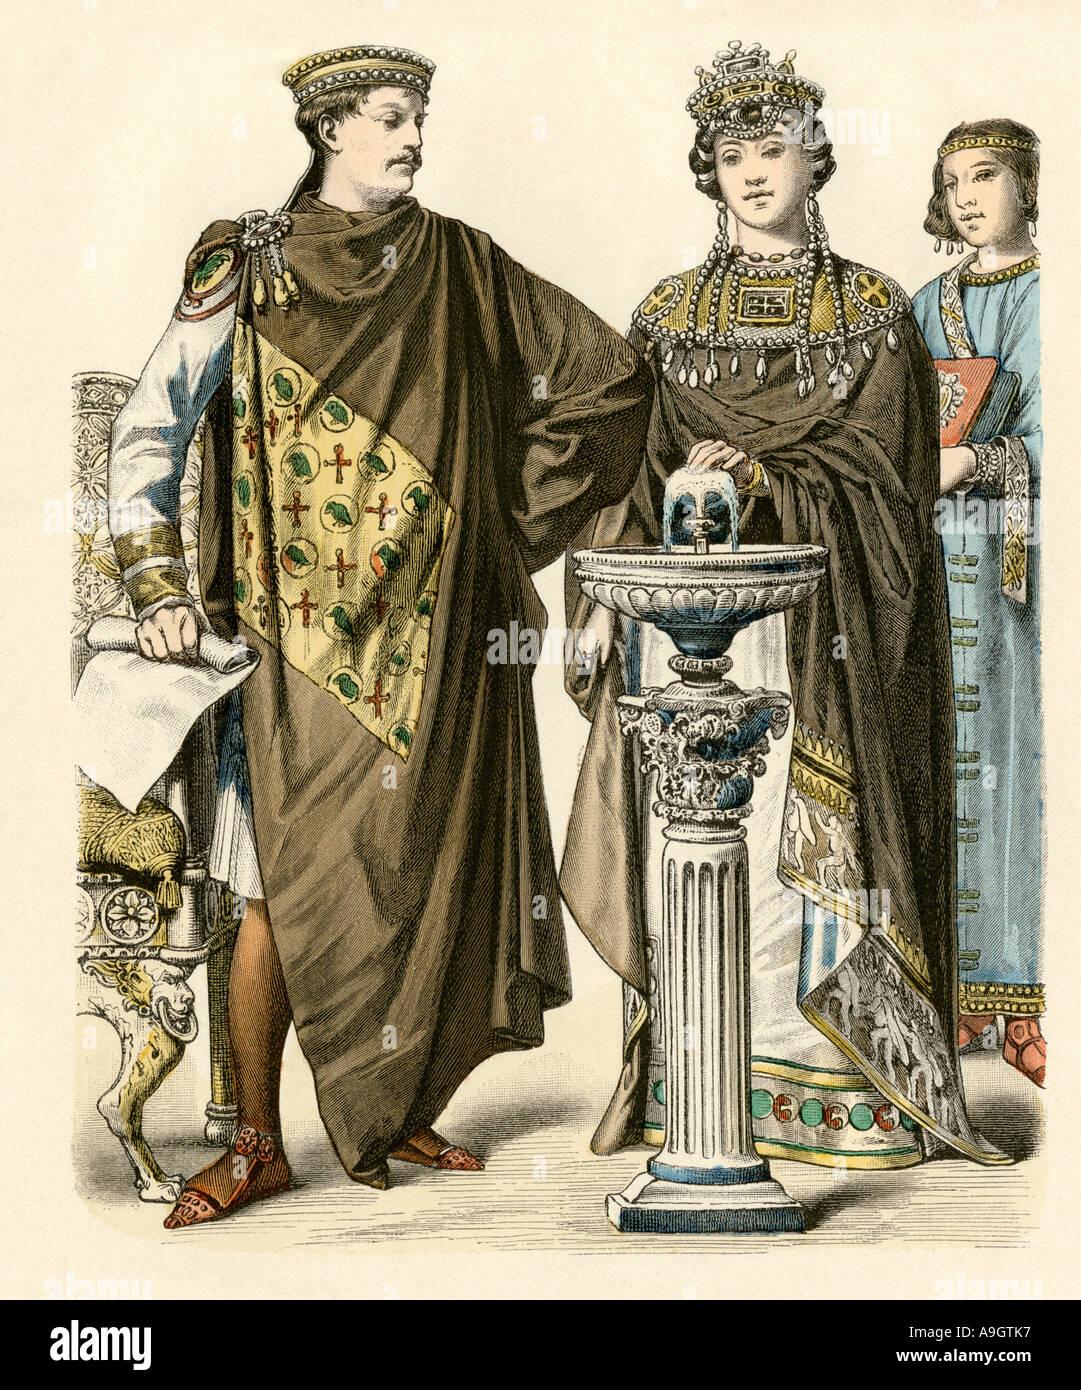 L'empereur Justinien avec l'impératrice Théodora de l'Empire romain d'500s'annonce. Impression couleur à la main Photo Stock